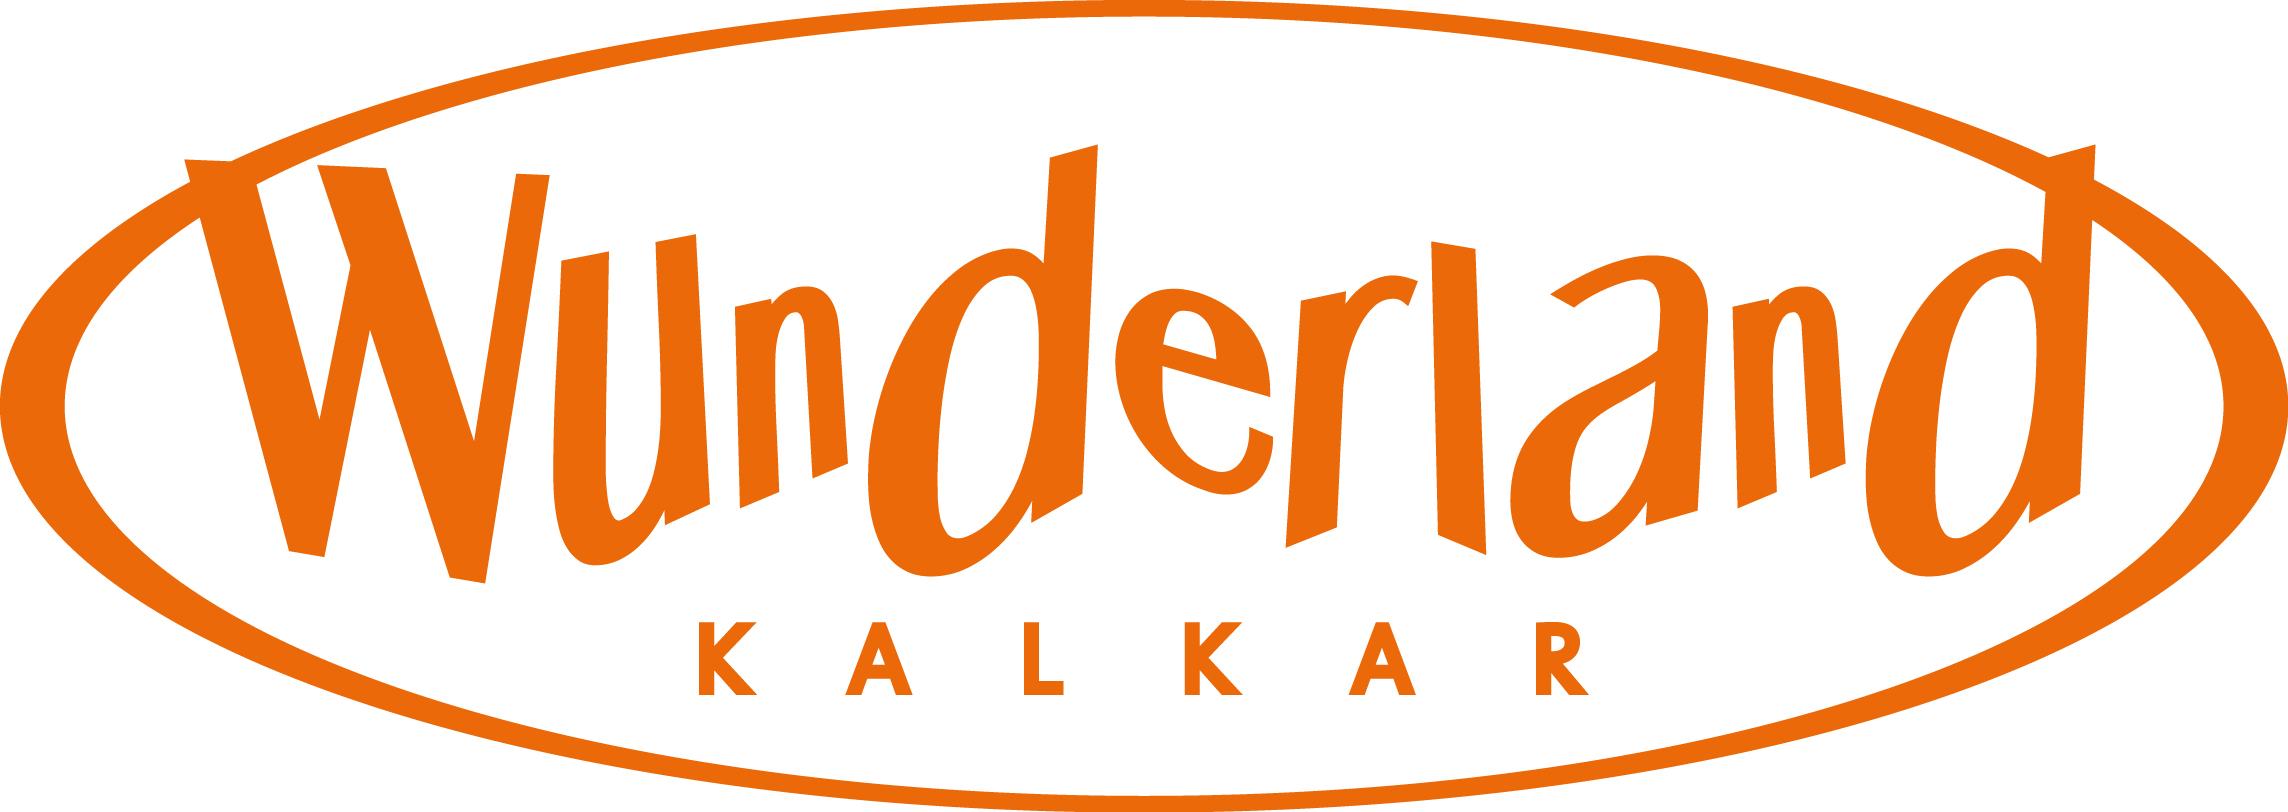 Wunderland Kalkar - Welk feestje u ook te vieren heeft, ons professionele team helpt u er een geslaagd event van te maken. Of het nu voor 10 of 10.000 personen is.